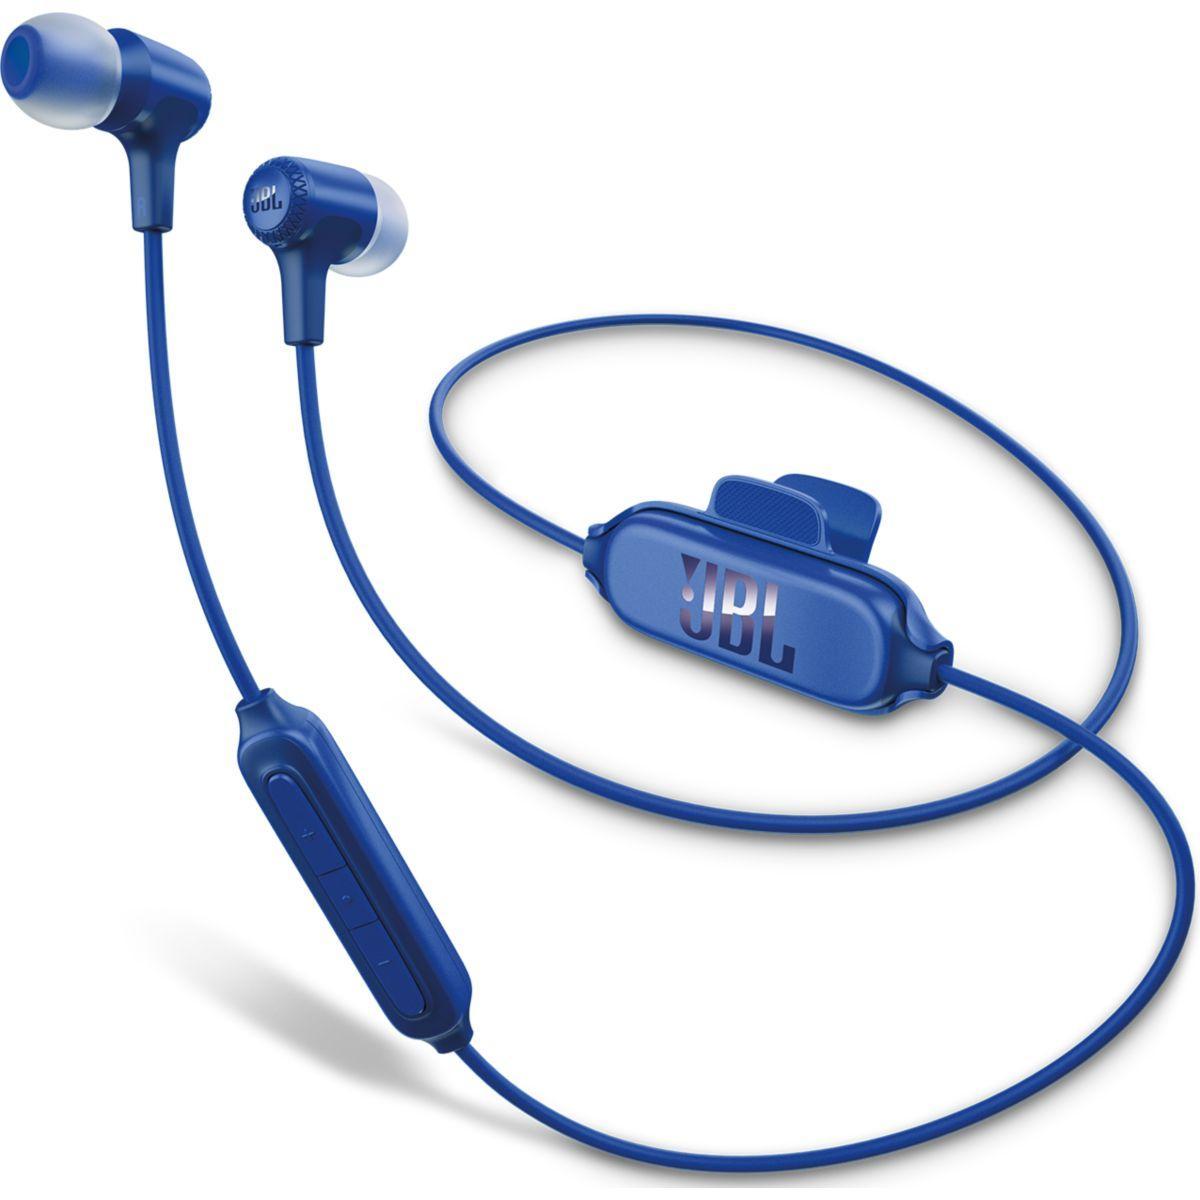 Ecouteurs intra jbl e25 bt bleu - livraison offerte : code livprem